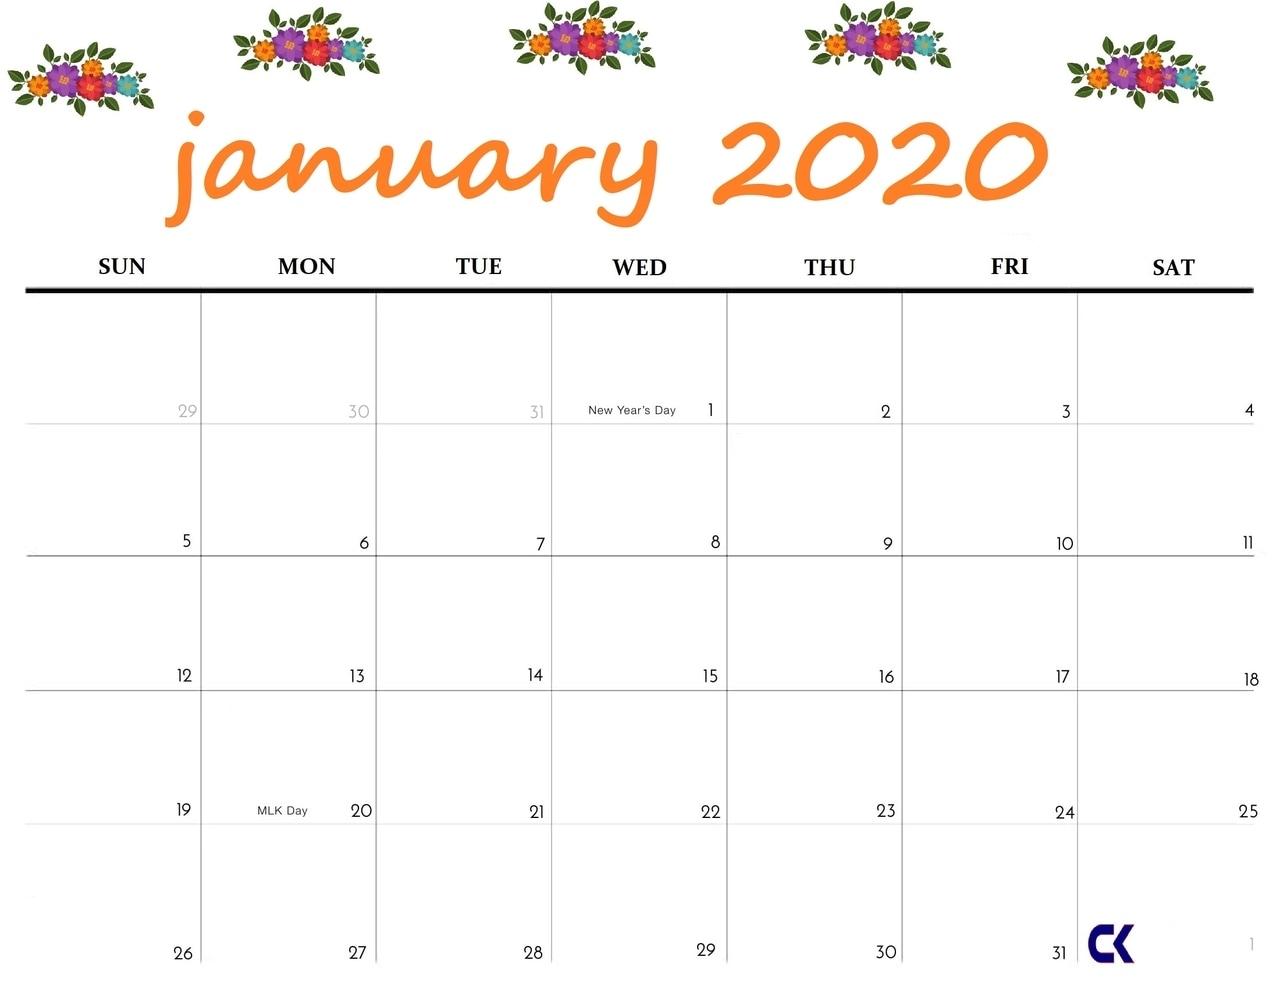 Best Cute January 2020 Calendar Floral Wallpaper For Desktop